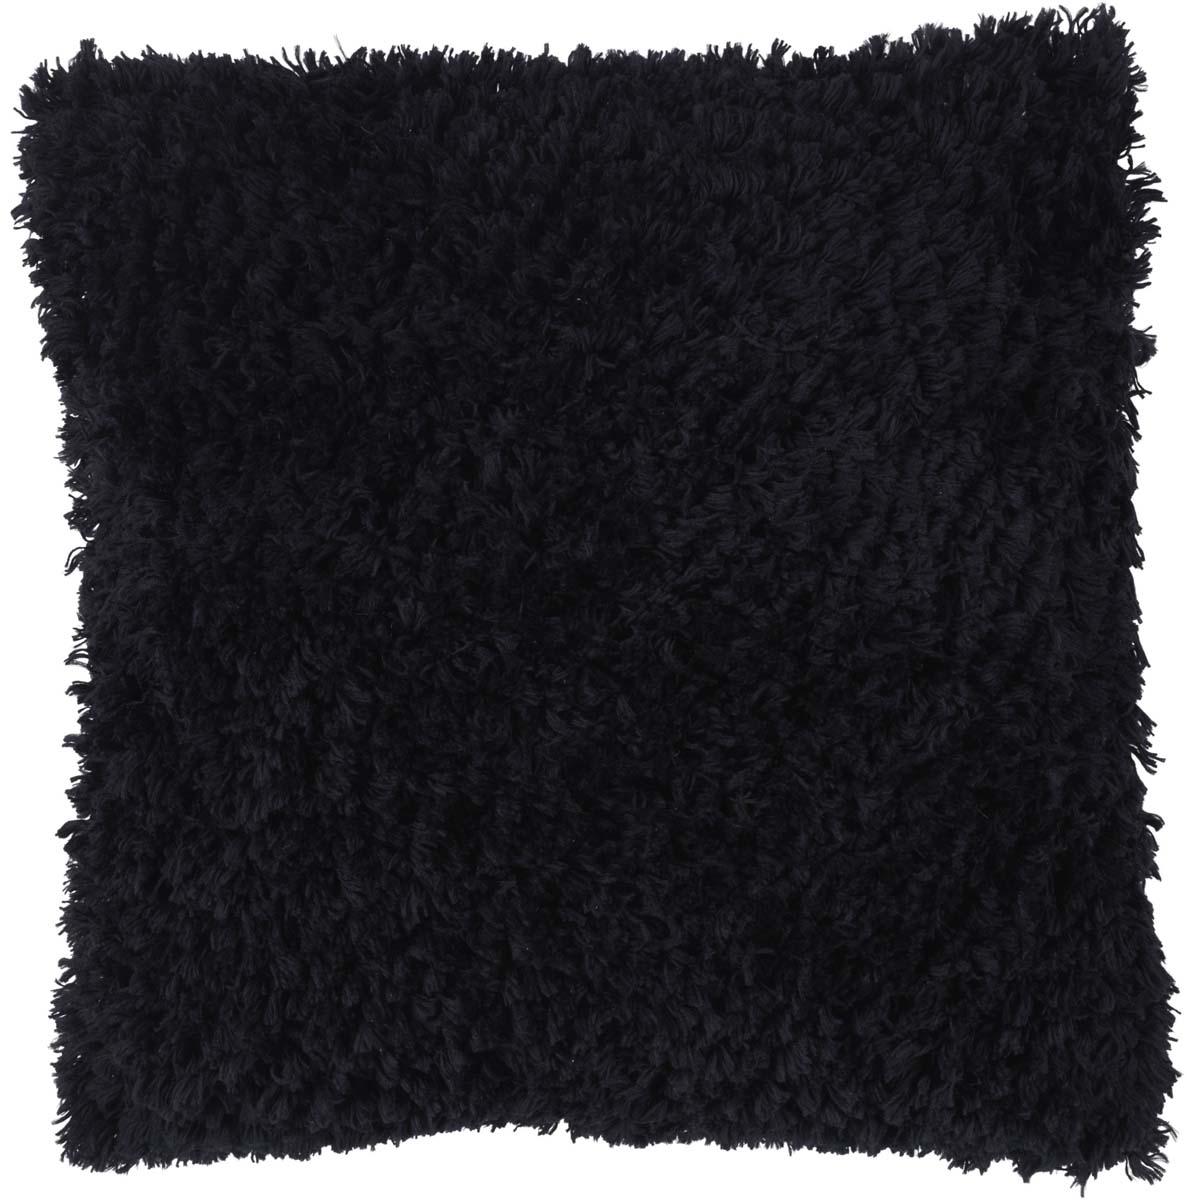 GLENN - Sierkussen zwart 45x45 cm